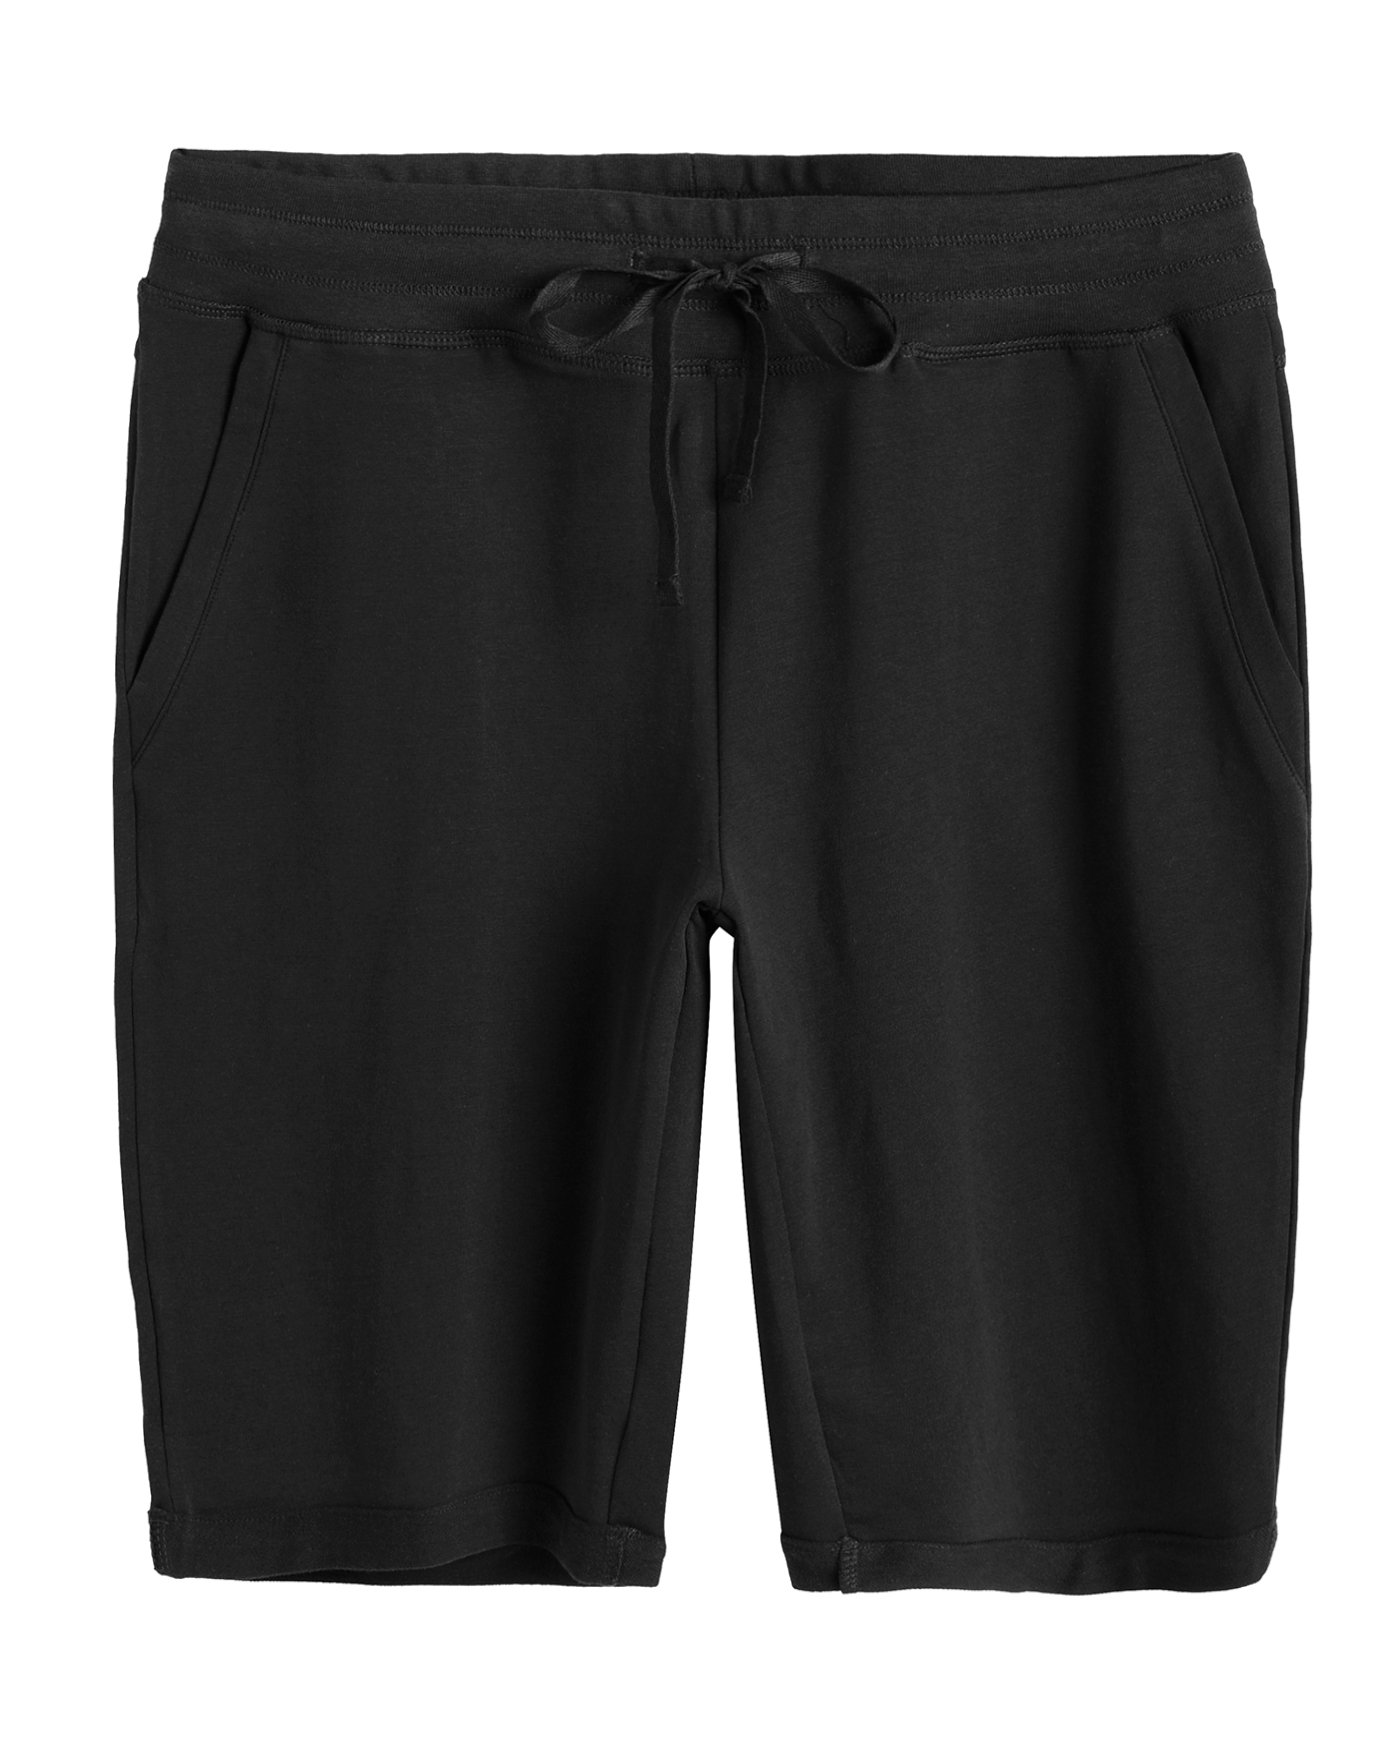 Weintee Women's Cotton Bermuda Shorts with Pockets 2X Black